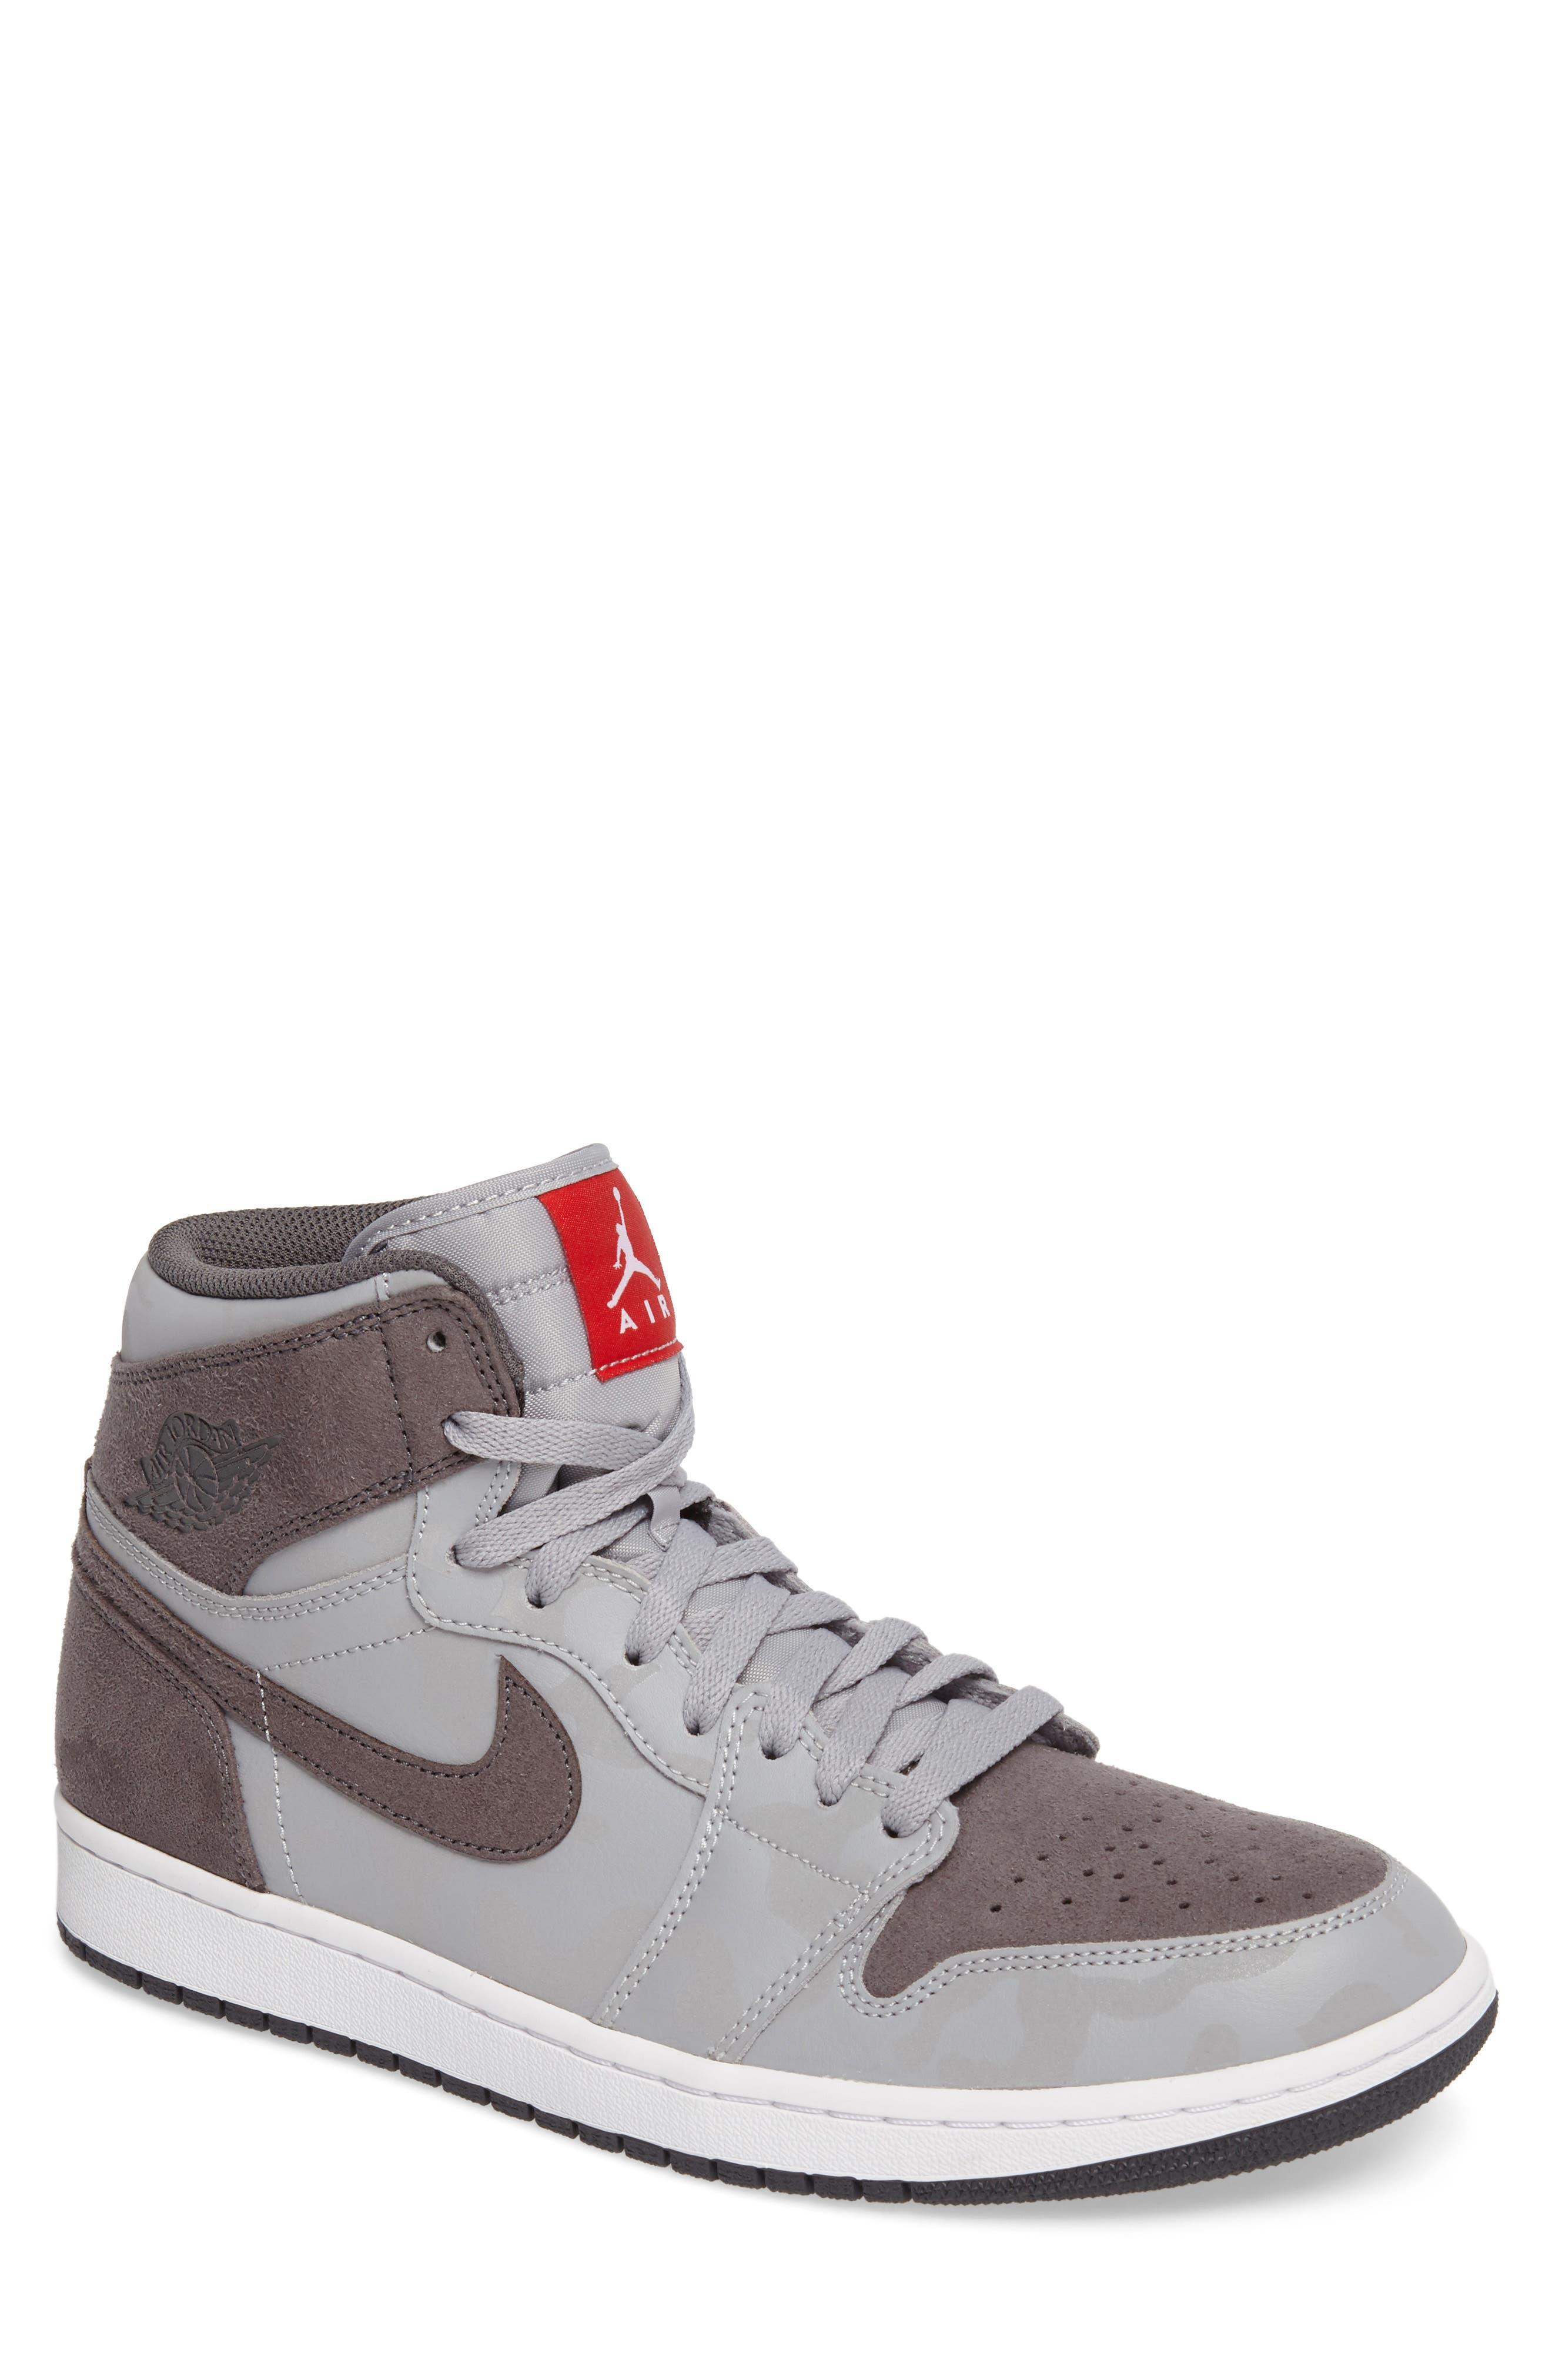 Nike Air Jordan 1 Retro High Top Sneaker (Men)